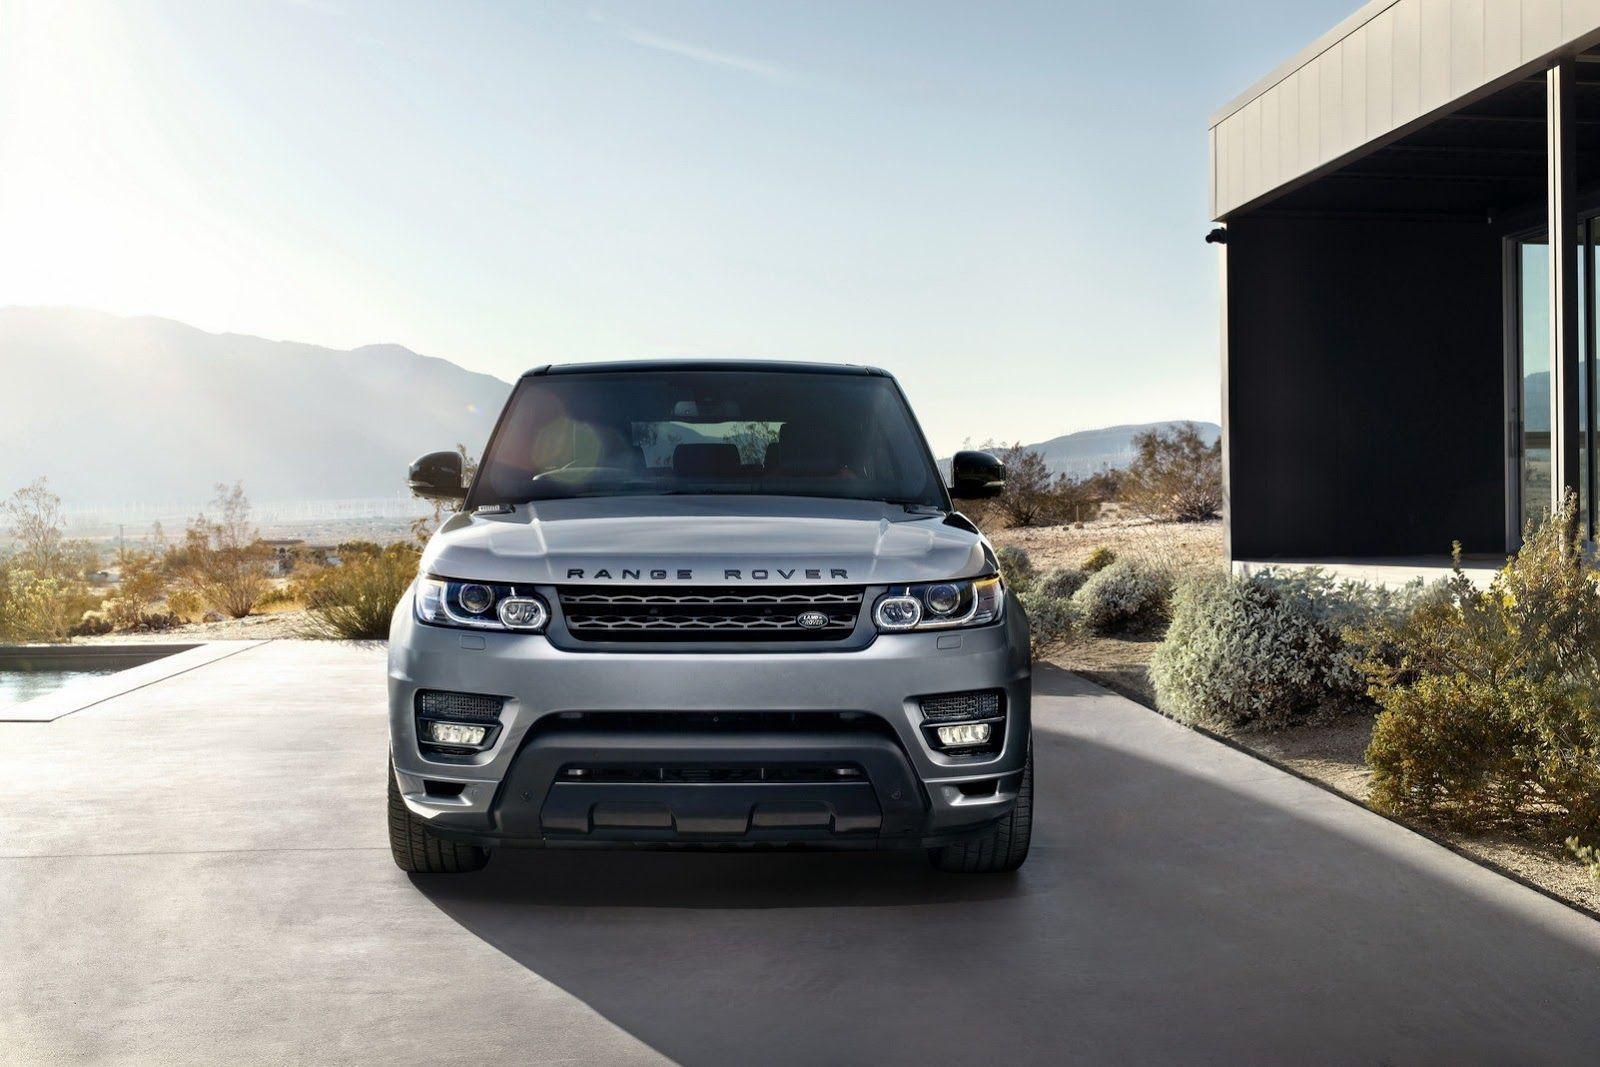 Black Range Rover Sport Wallpaper: Range Rover Sport Wallpapers